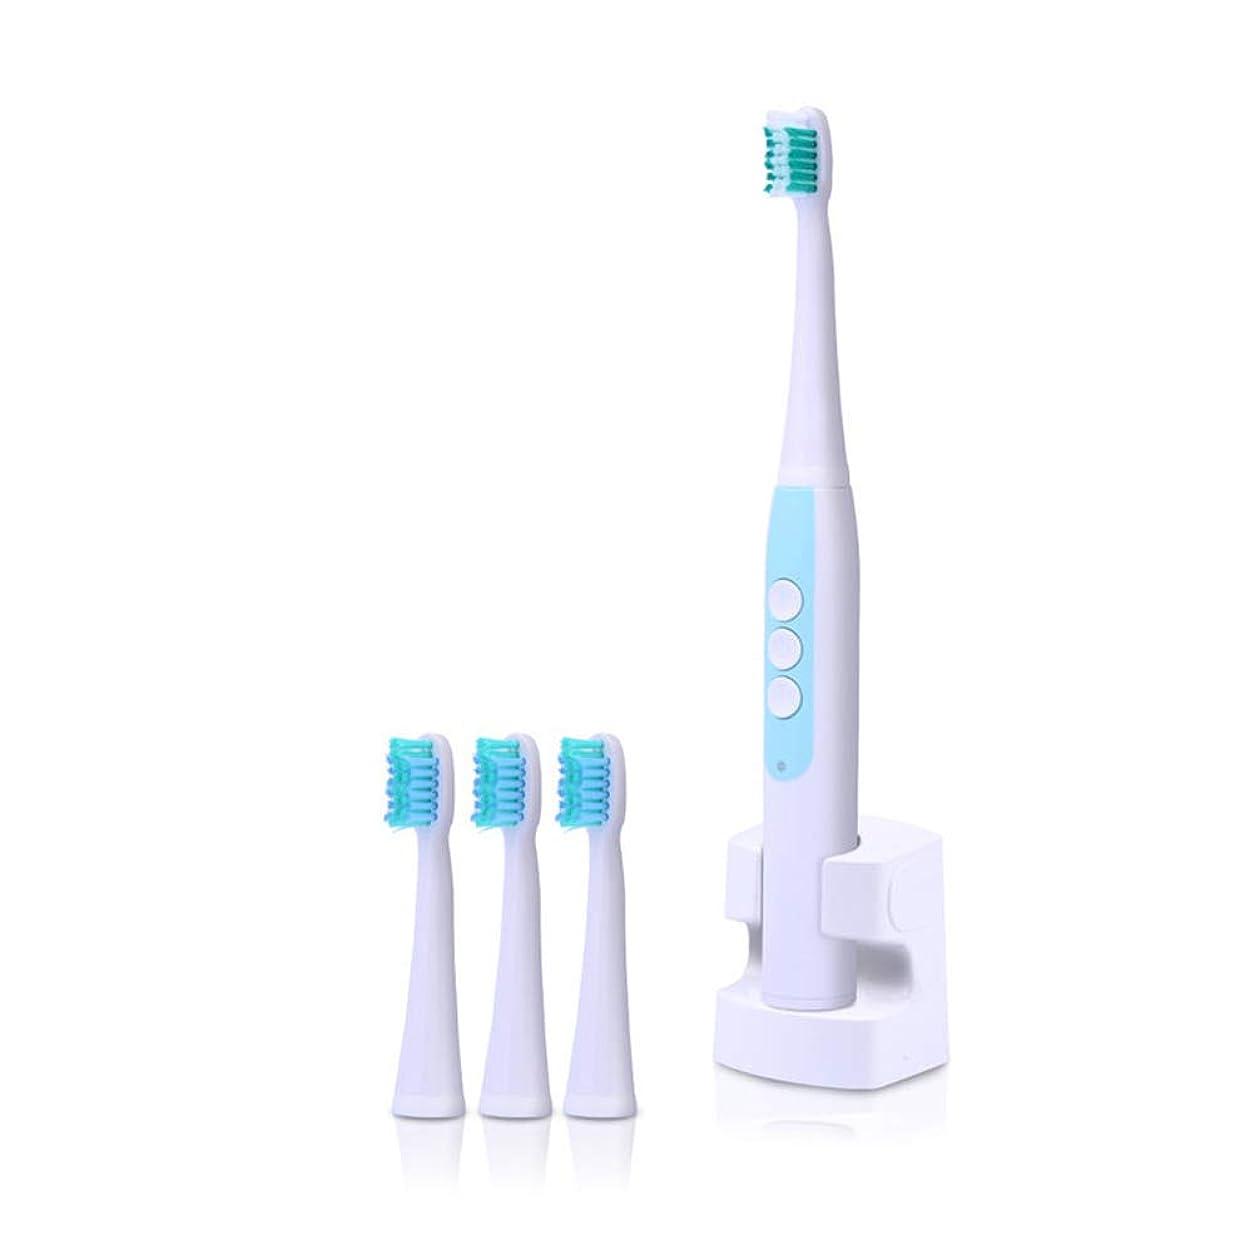 保証水銀のファイナンス音波電動歯ブラシ防水ワイヤレス充電式4ピース交換可能なブラシヘッドタイマー歯歯ブラシオーラルケア大人用,Blue